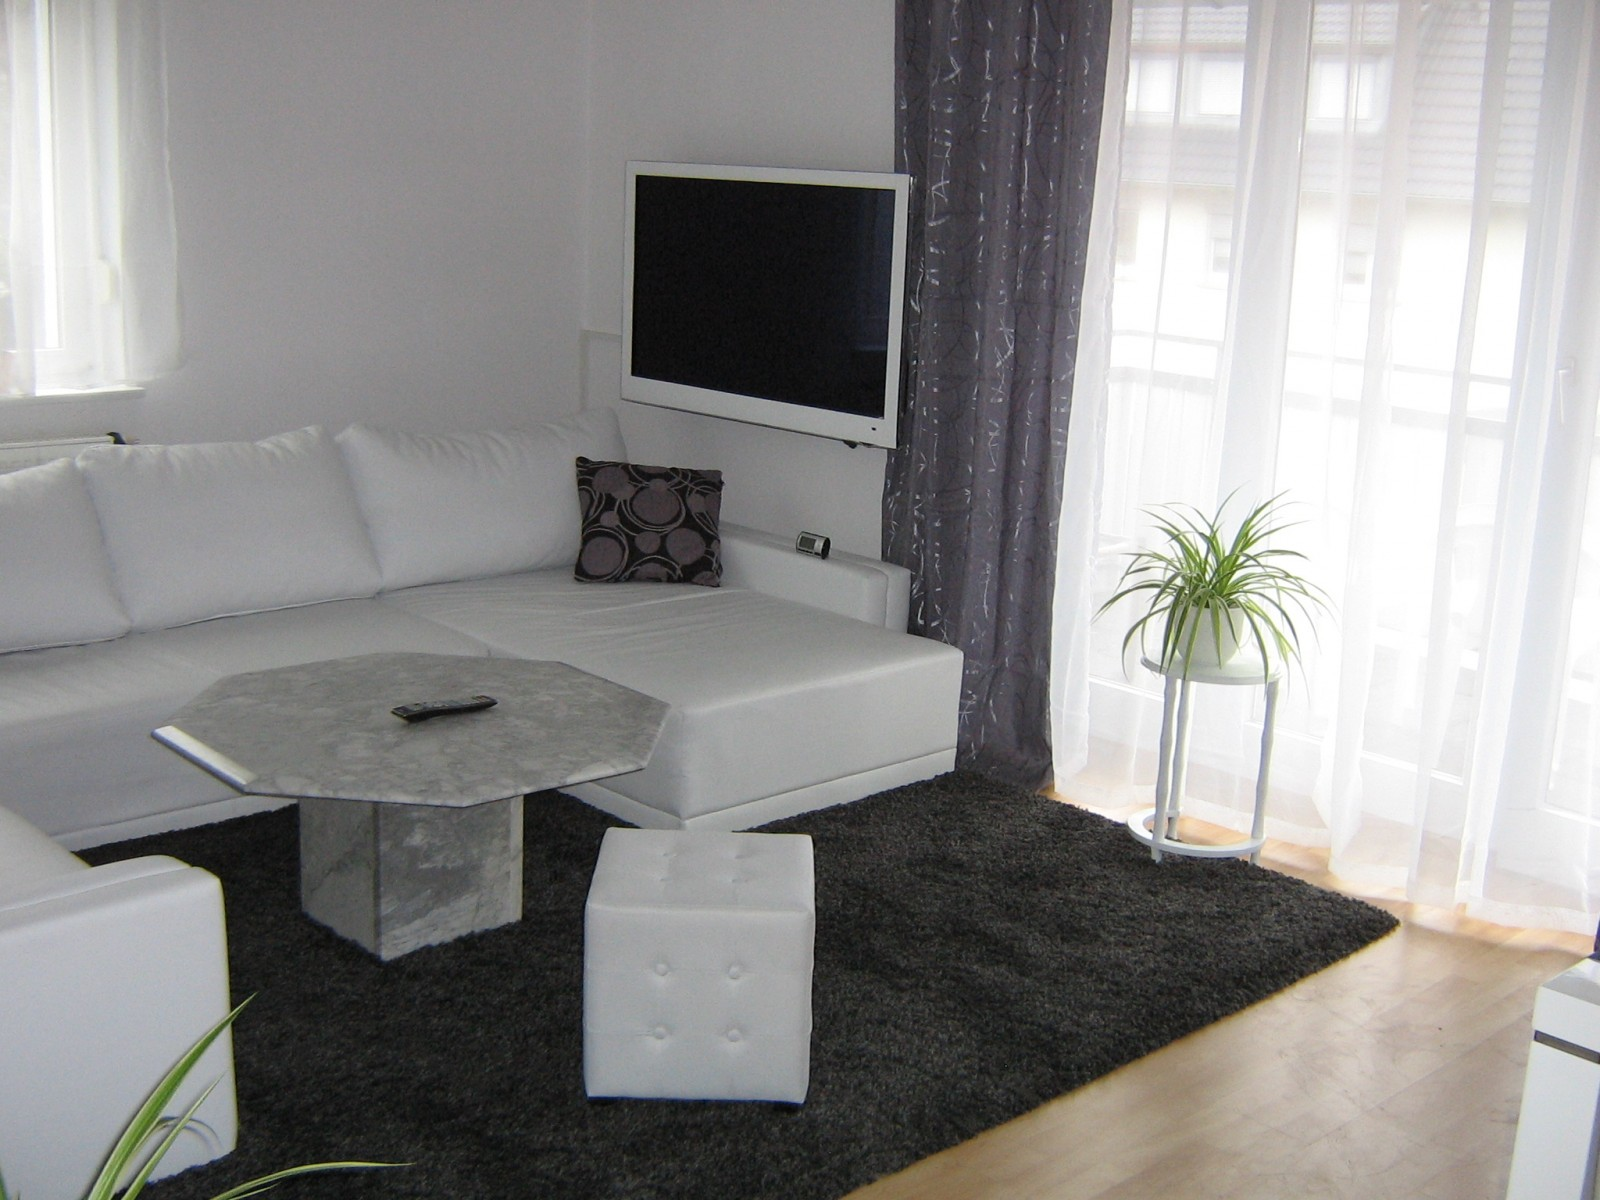 125 wohnideen f r wohnzimmer und design beispiele designer teppich modern karo in gr n schwarz - Wohnzimmer design beispiele ...